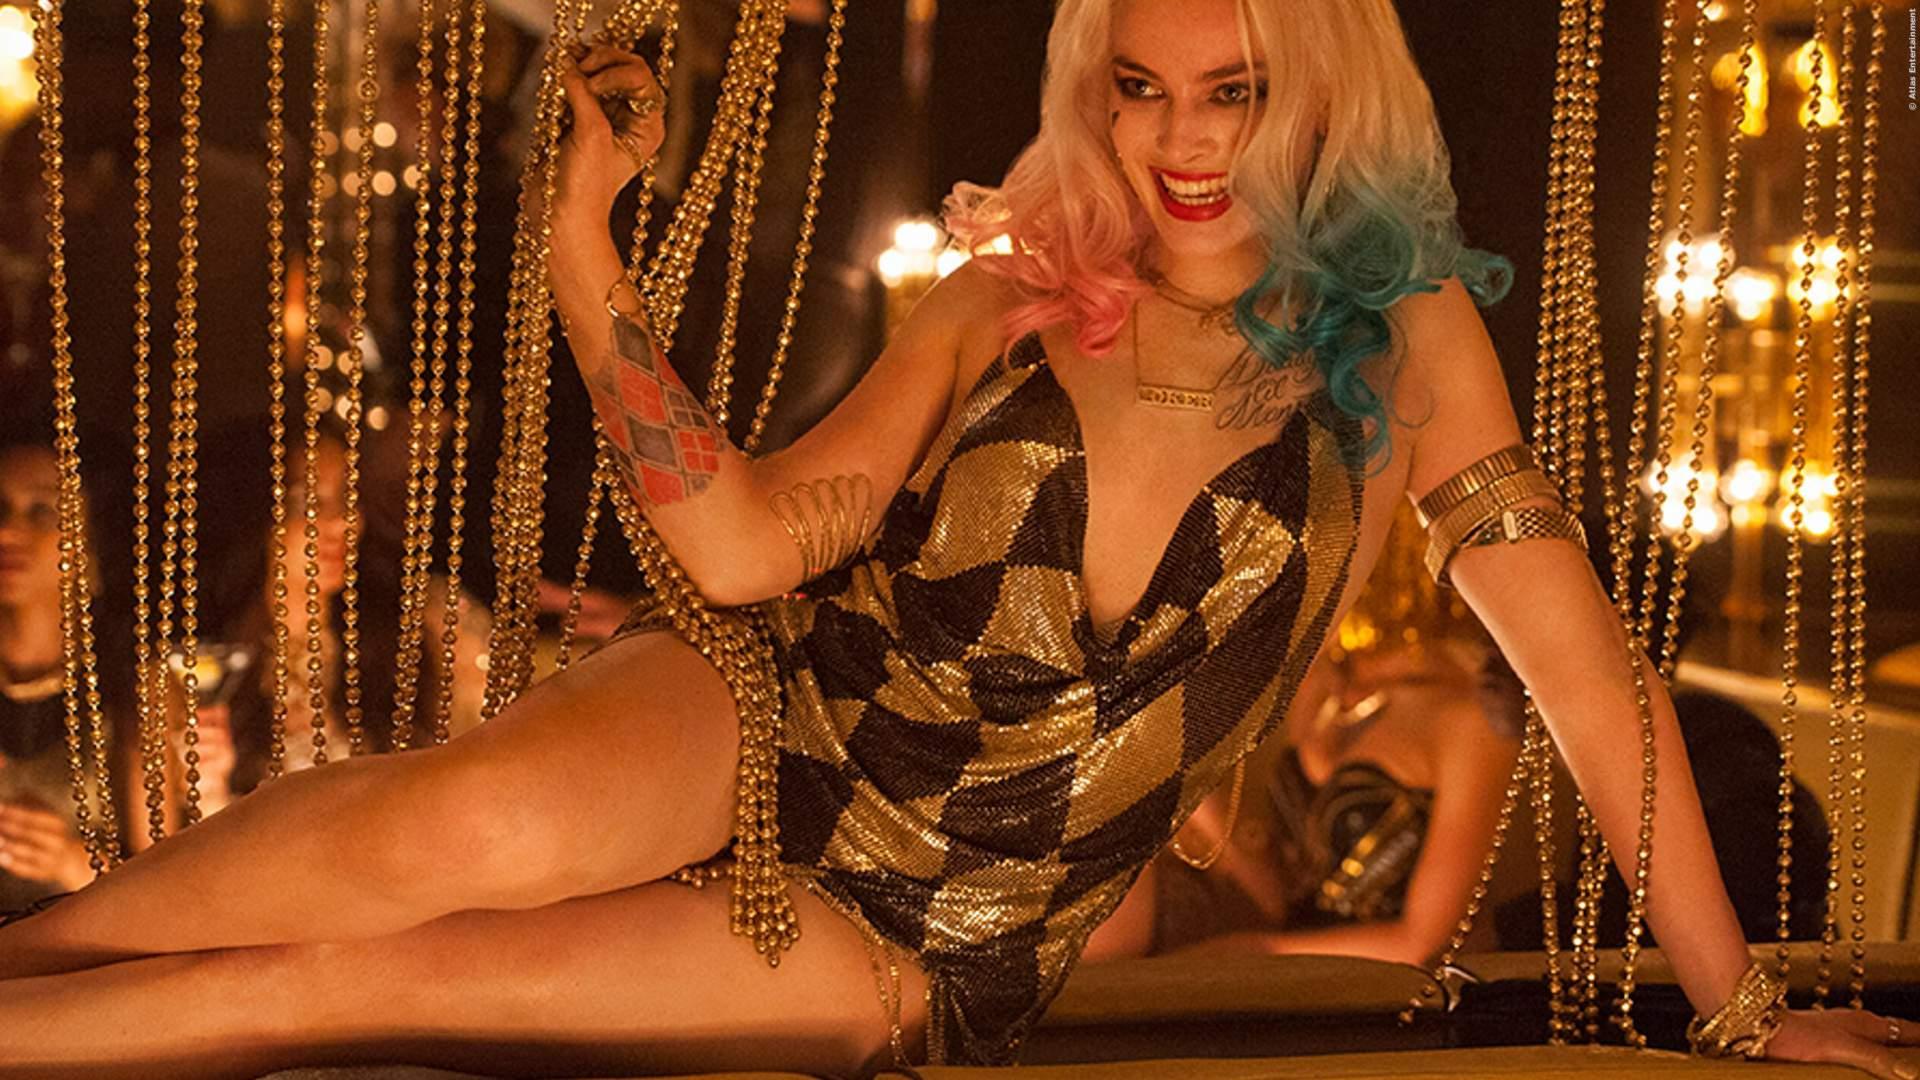 Margot Robbie aus Suicide Squad - Bild 3 von 14